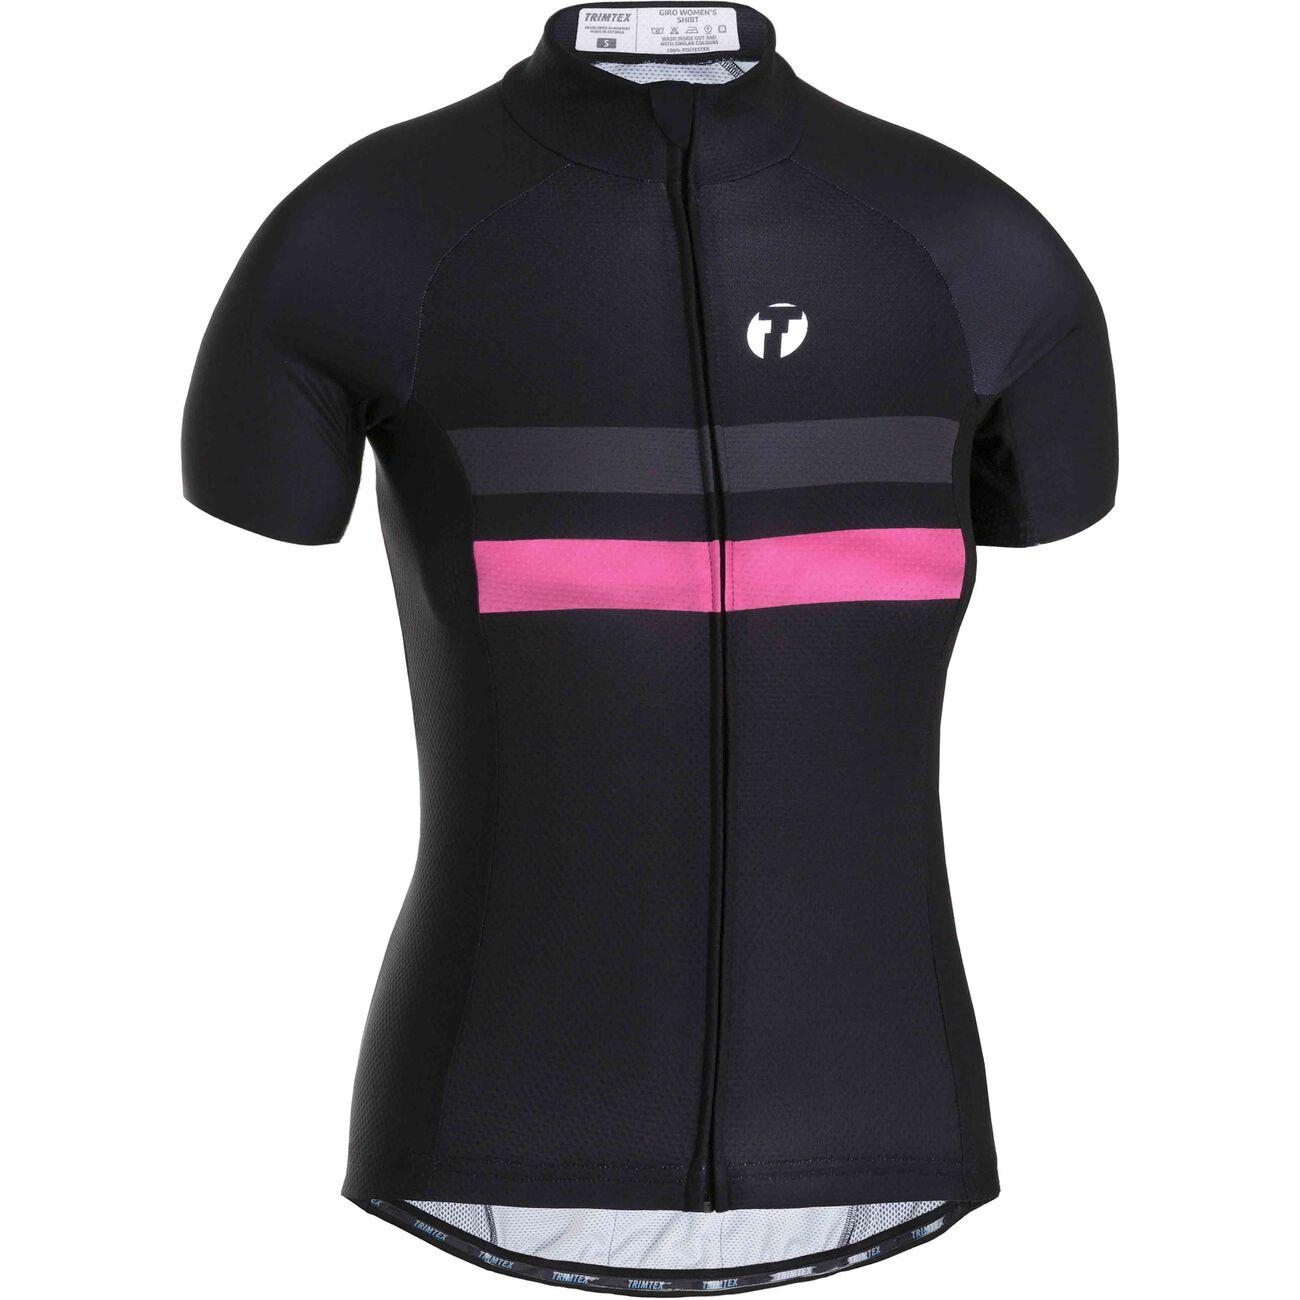 Giro Cykeltrøje dame